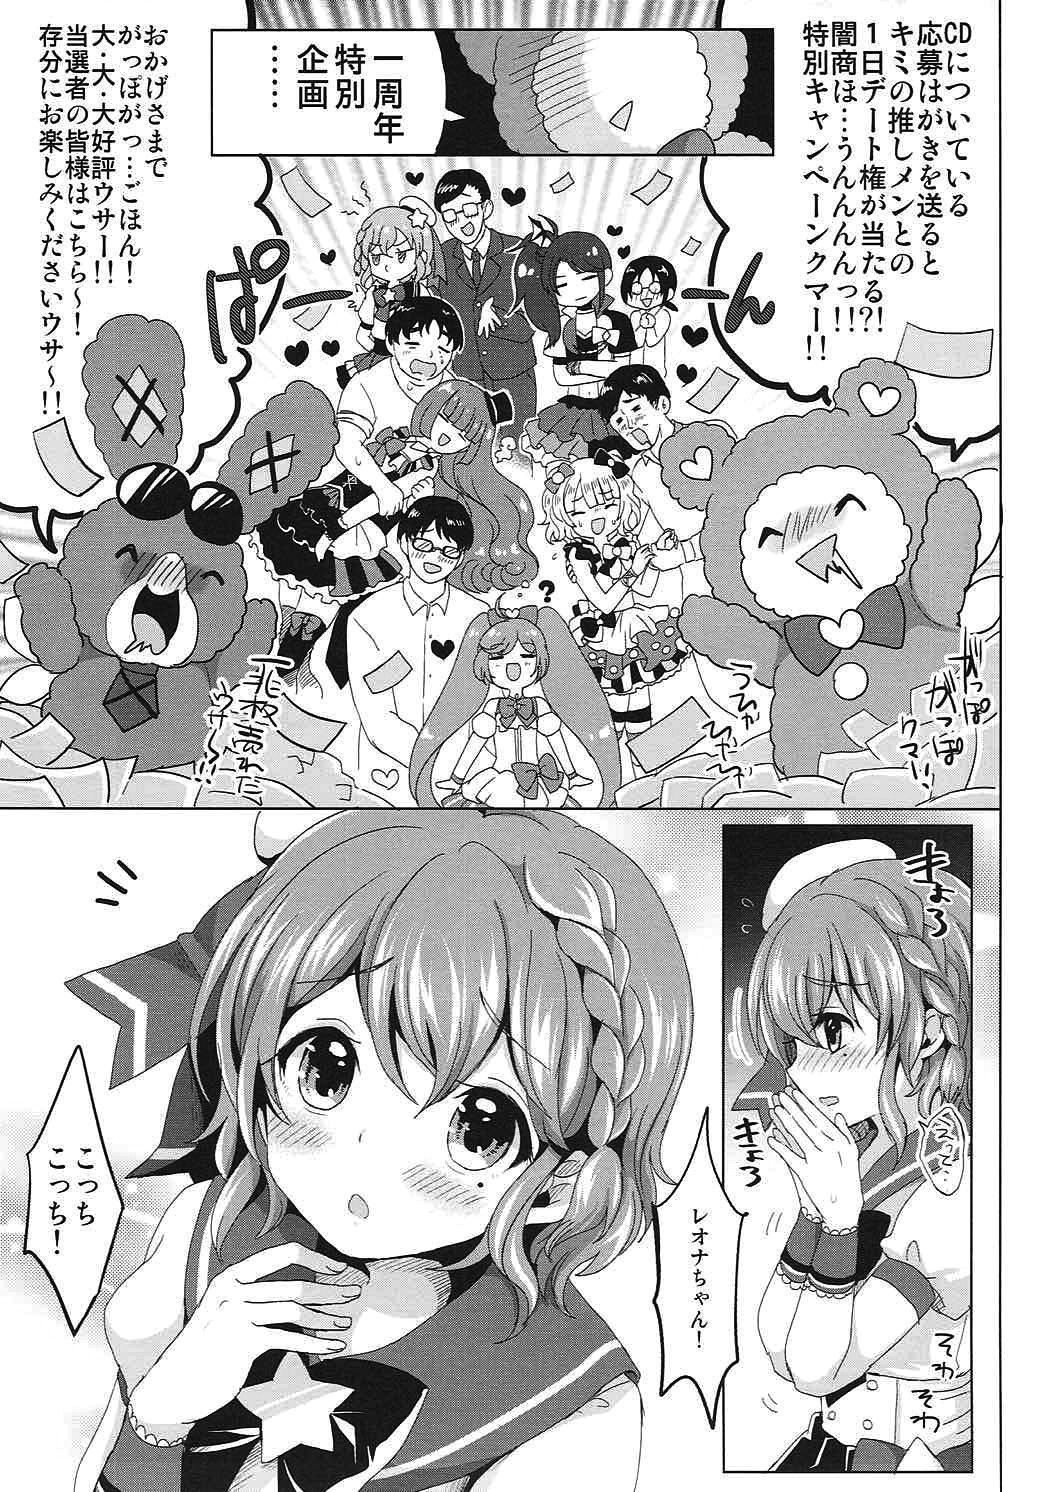 Boku no Ichinichi Gentei Kanojo wa Otokonoko Idol! 1